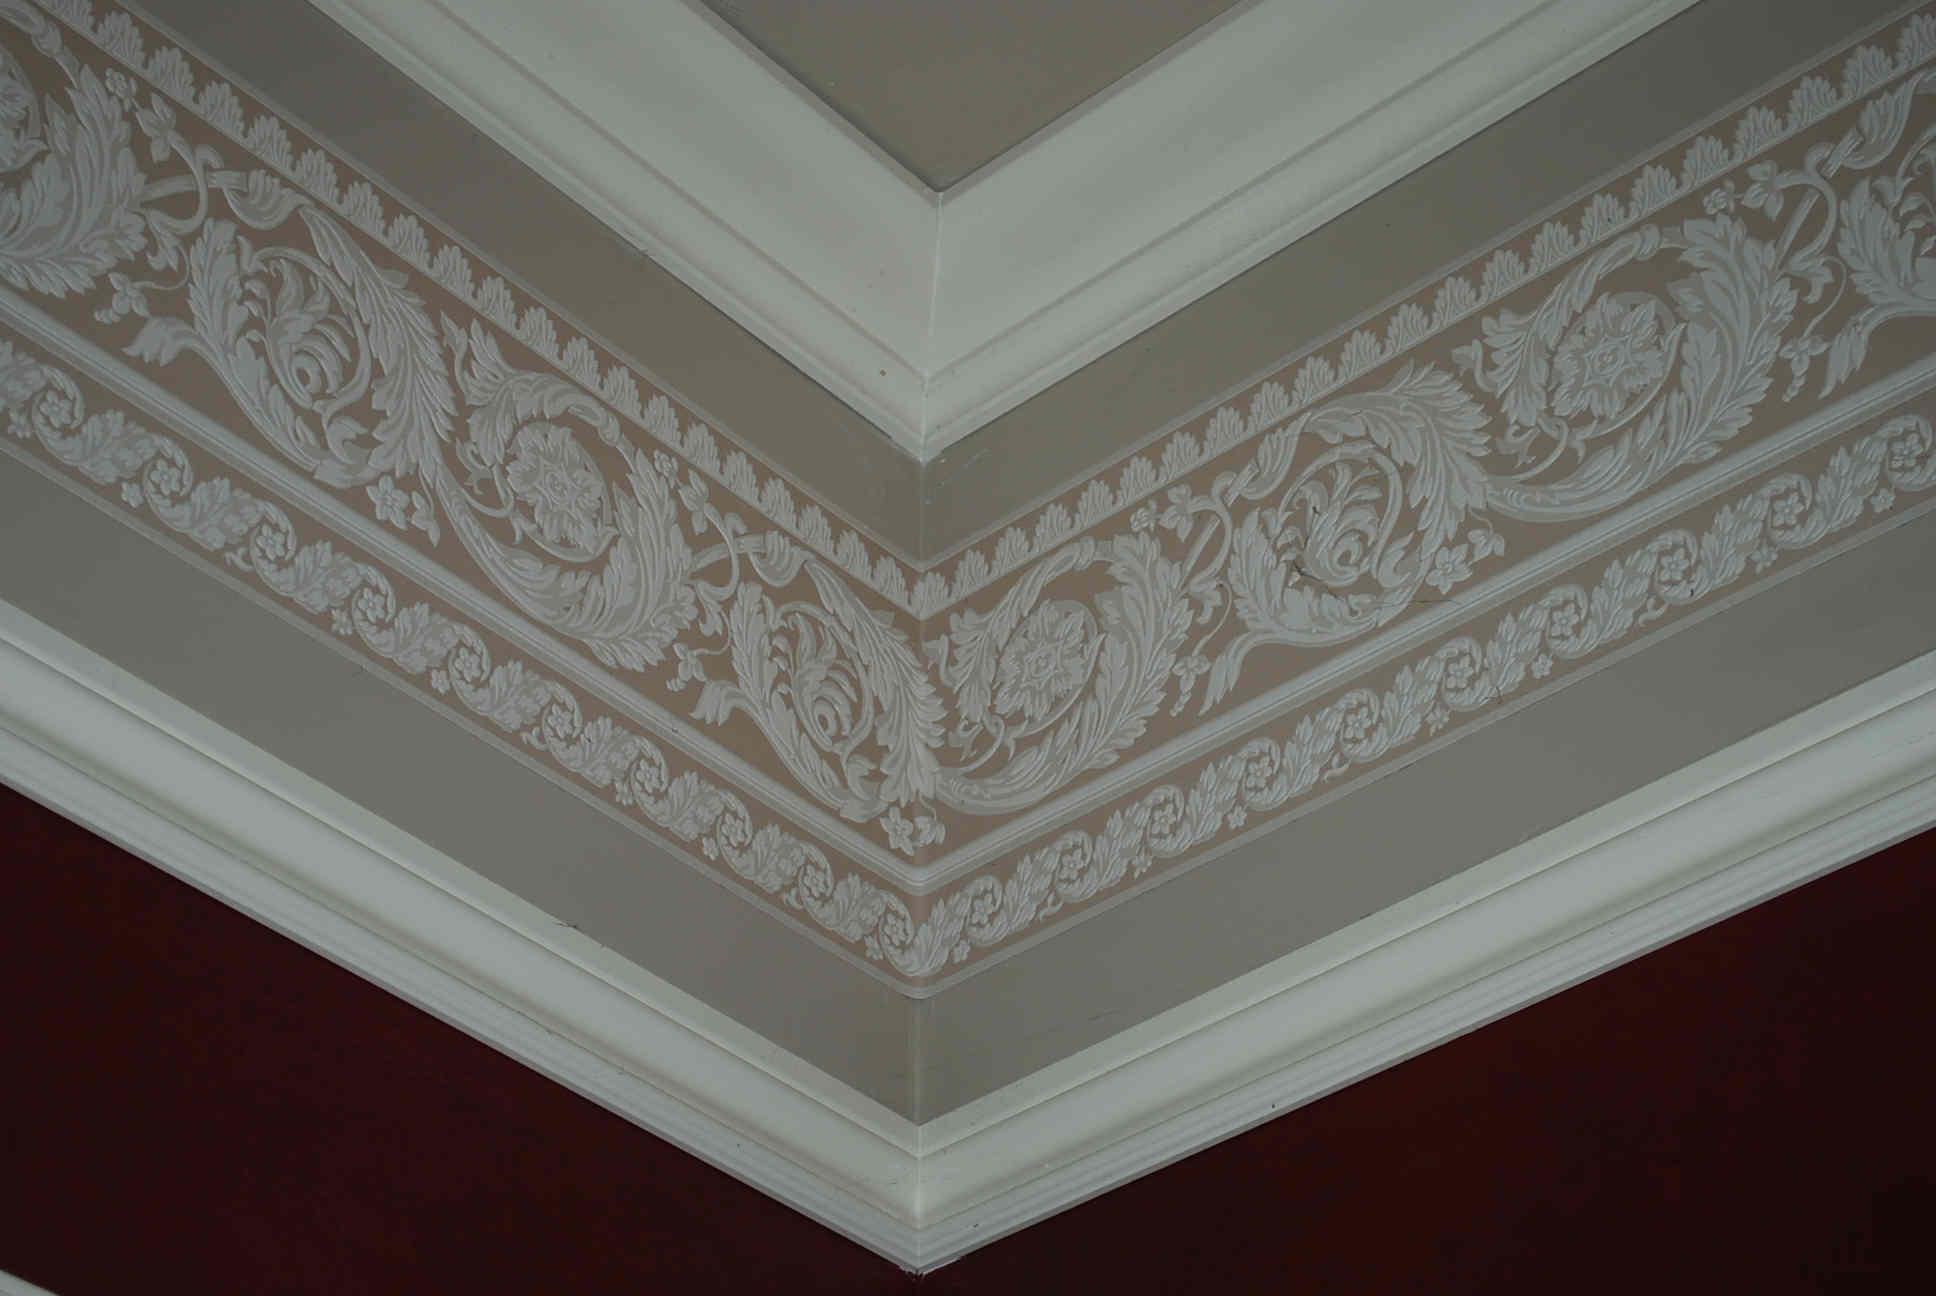 47+ Wallpaper Ceiling Trim on WallpaperSafari